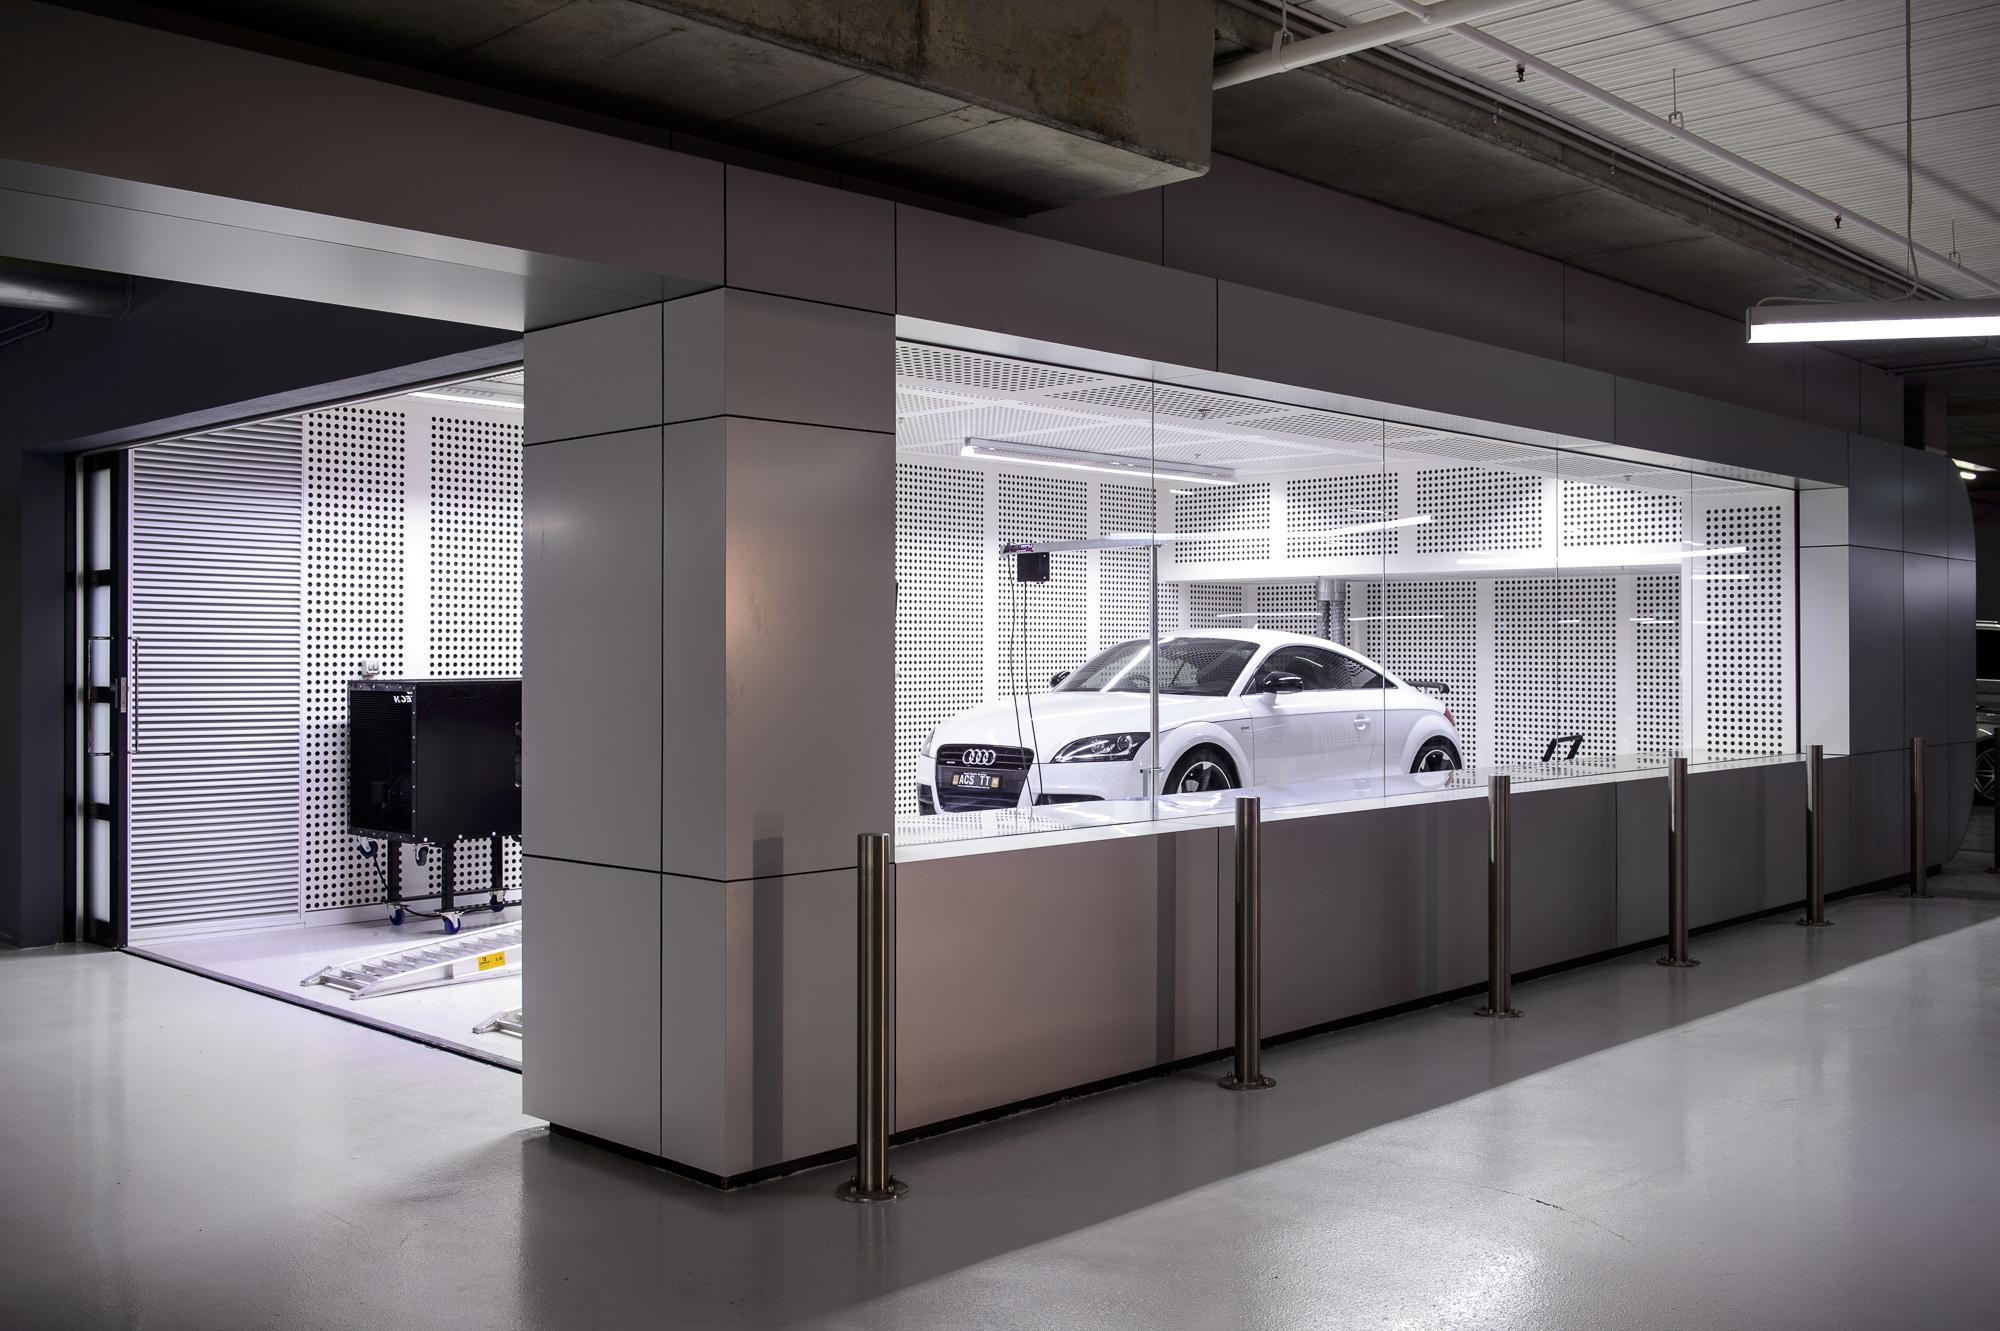 Audi_ACSydney_DLPhotography_201014_0014.jpg